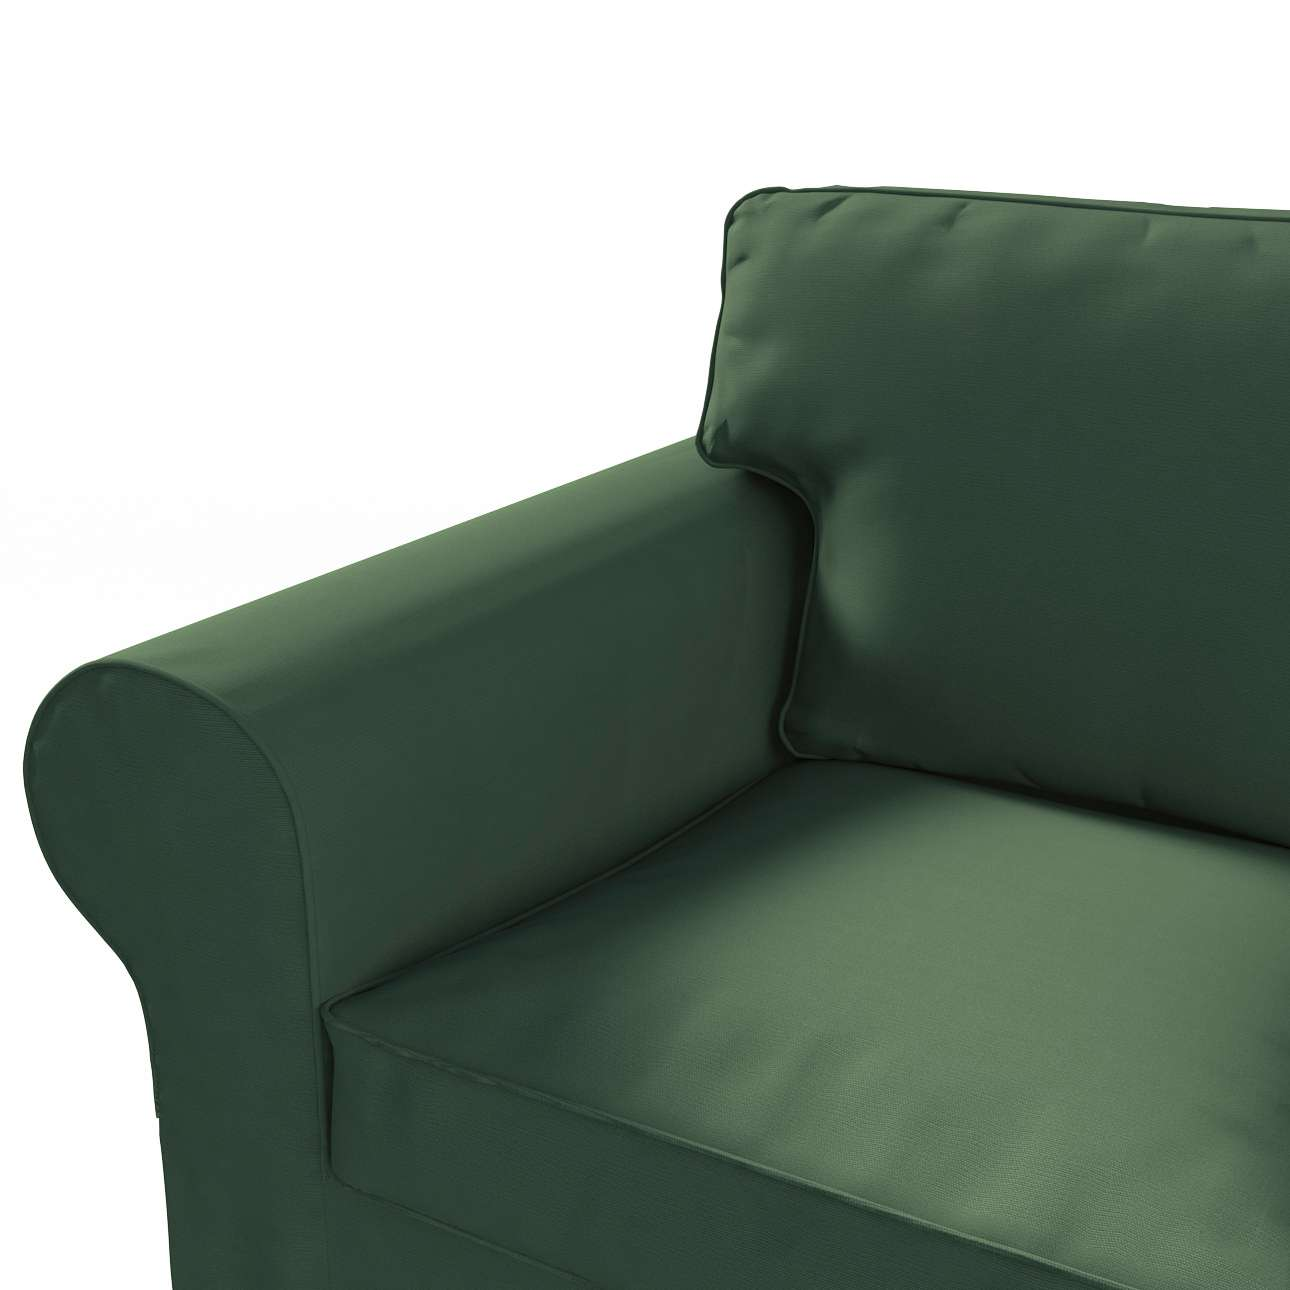 Pokrowiec na sofę Ektorp 3-osobową, rozkładaną STARY MODEL w kolekcji Cotton Panama, tkanina: 702-06